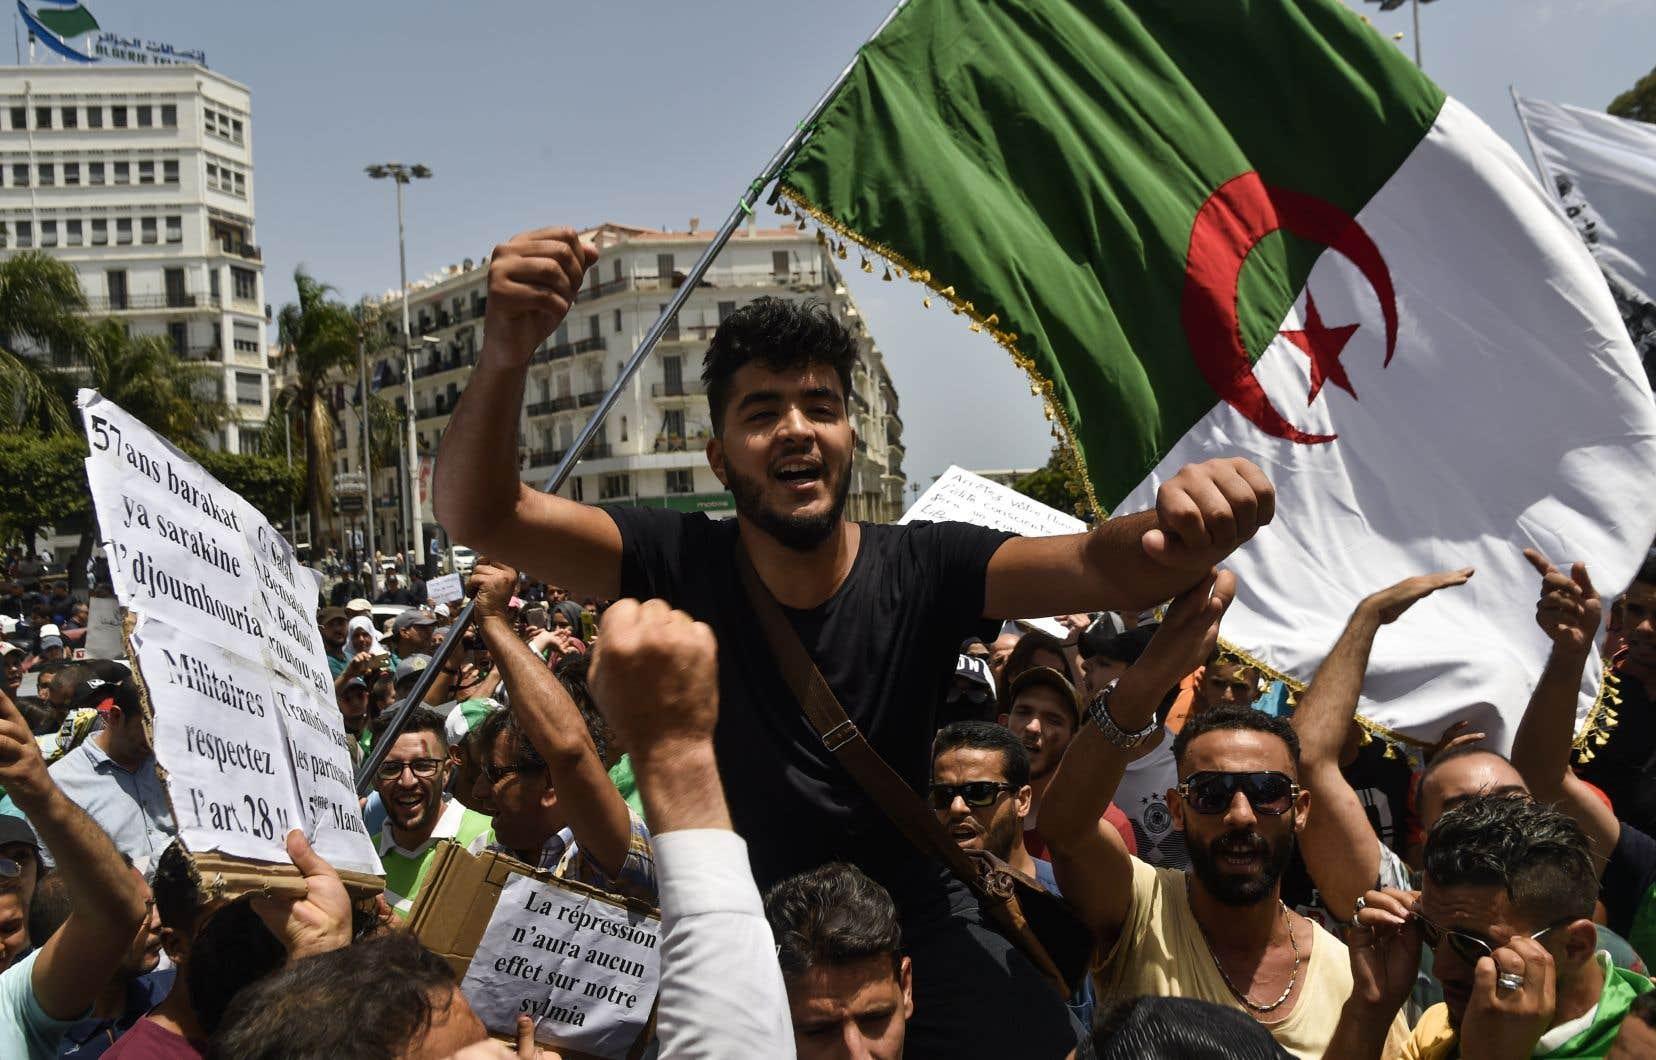 L'Algérie est le théâtre depuis février d'un mouvement populaire de contestation inédit qui a poussé le chef du gouvernement Abdelaziz Bouteflika à la démission le 2avril. Les manifestants exigent désormais le départ de tous les dirigeants ayant eu des responsabilités durant les 20ans de présidence de M.Bouteflika.